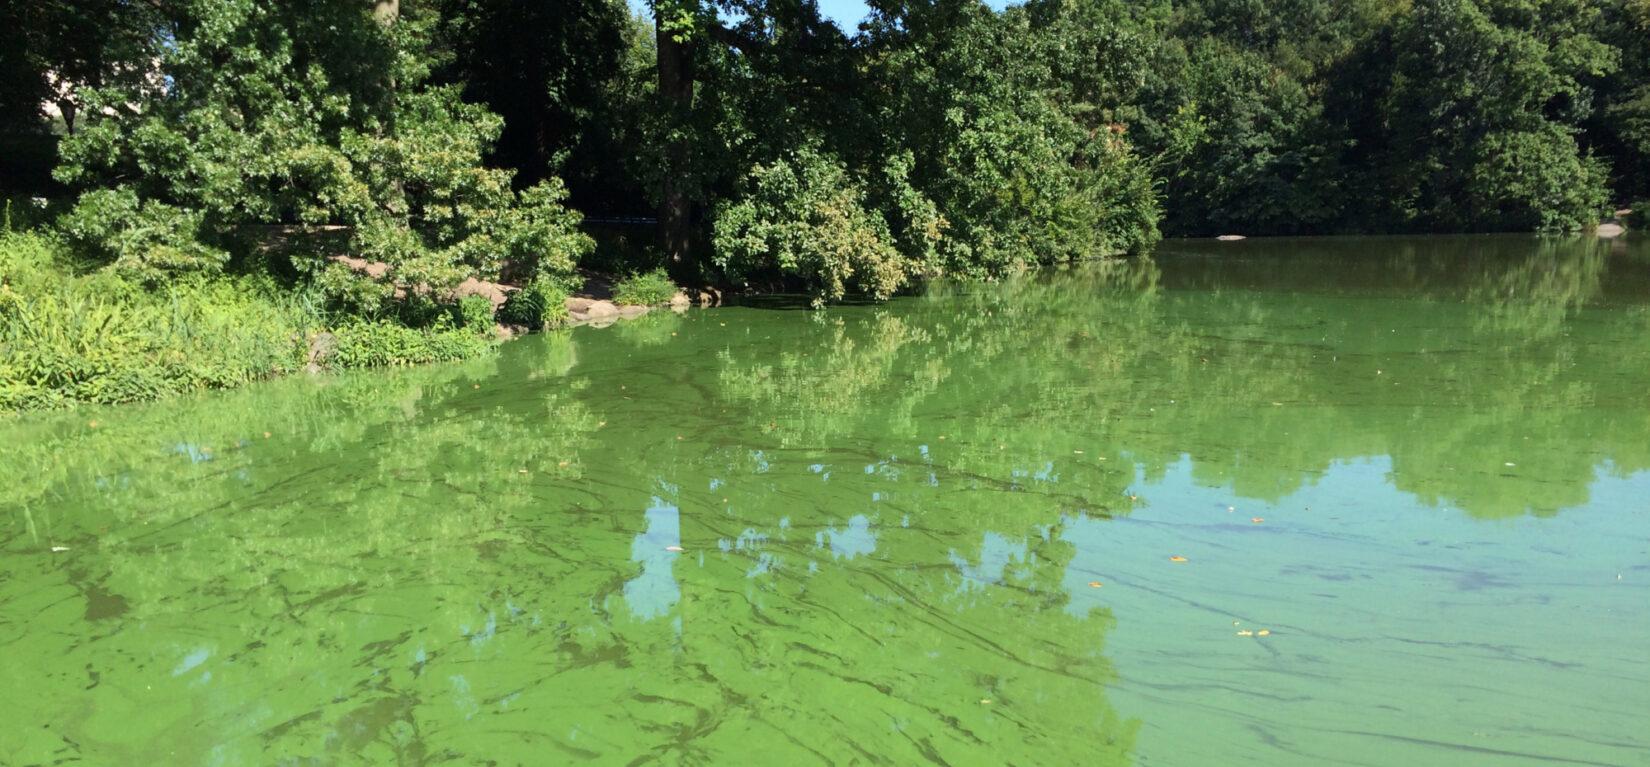 Harmful Algal Blooms in Central Park